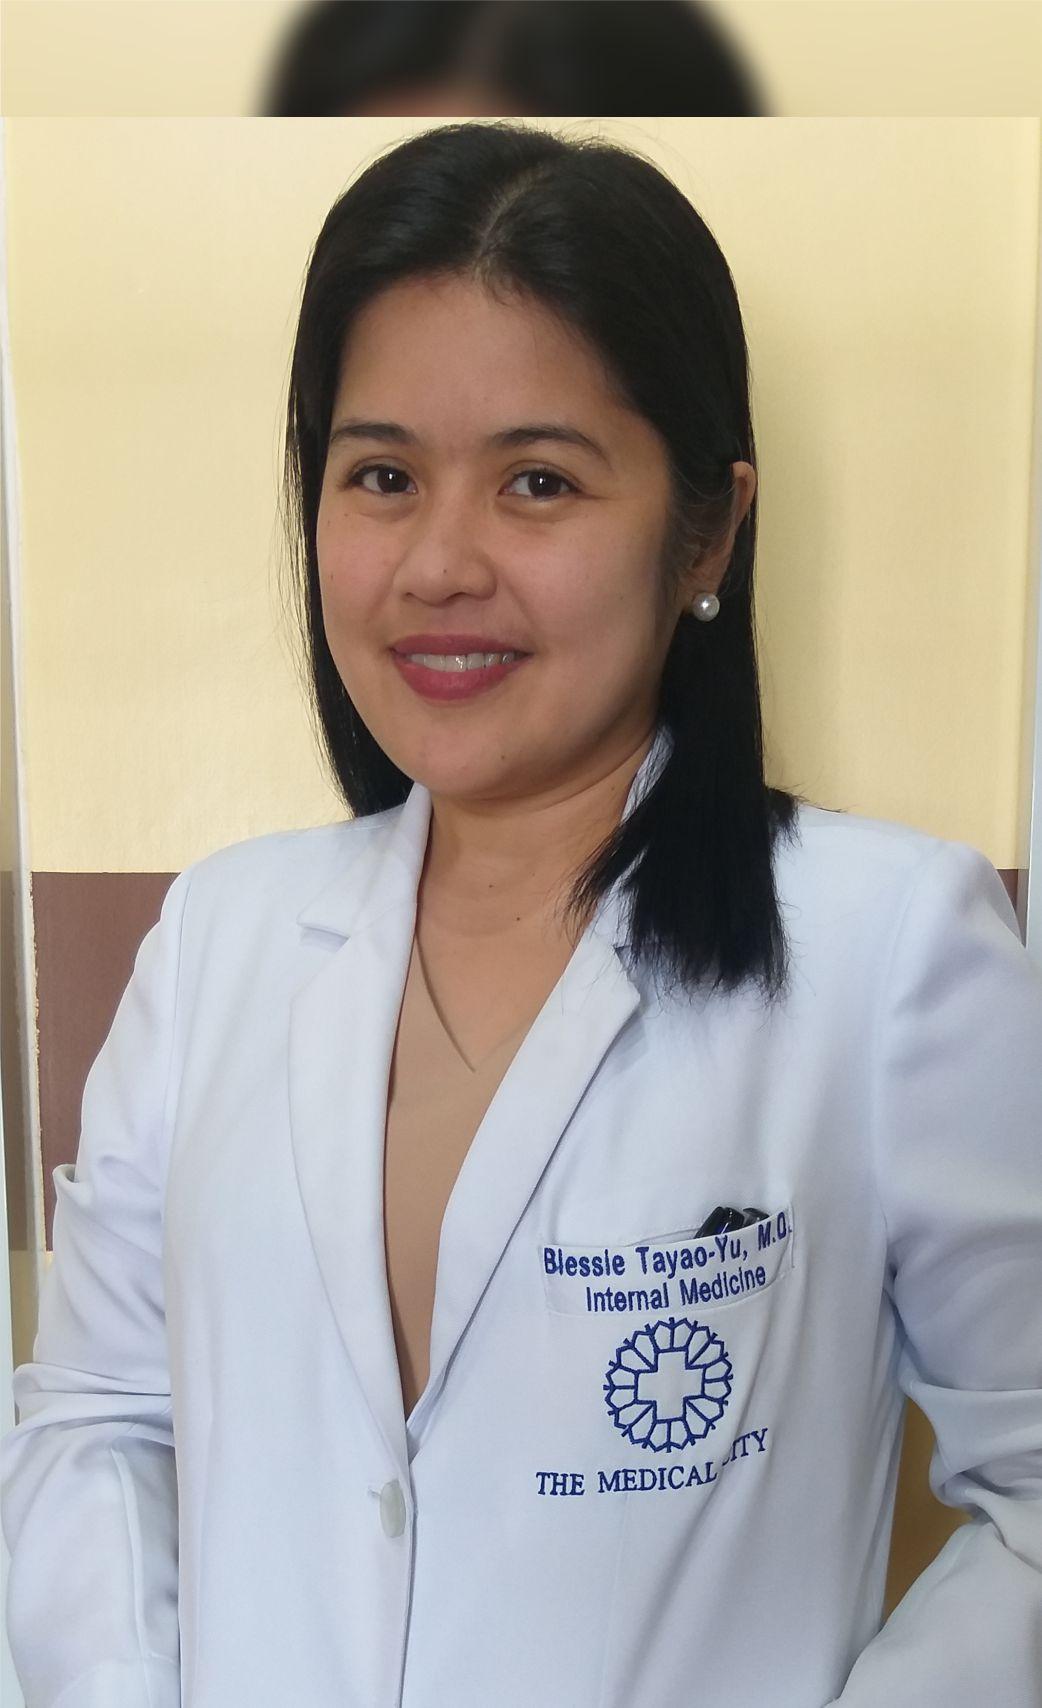 BLESSIE YU, MD